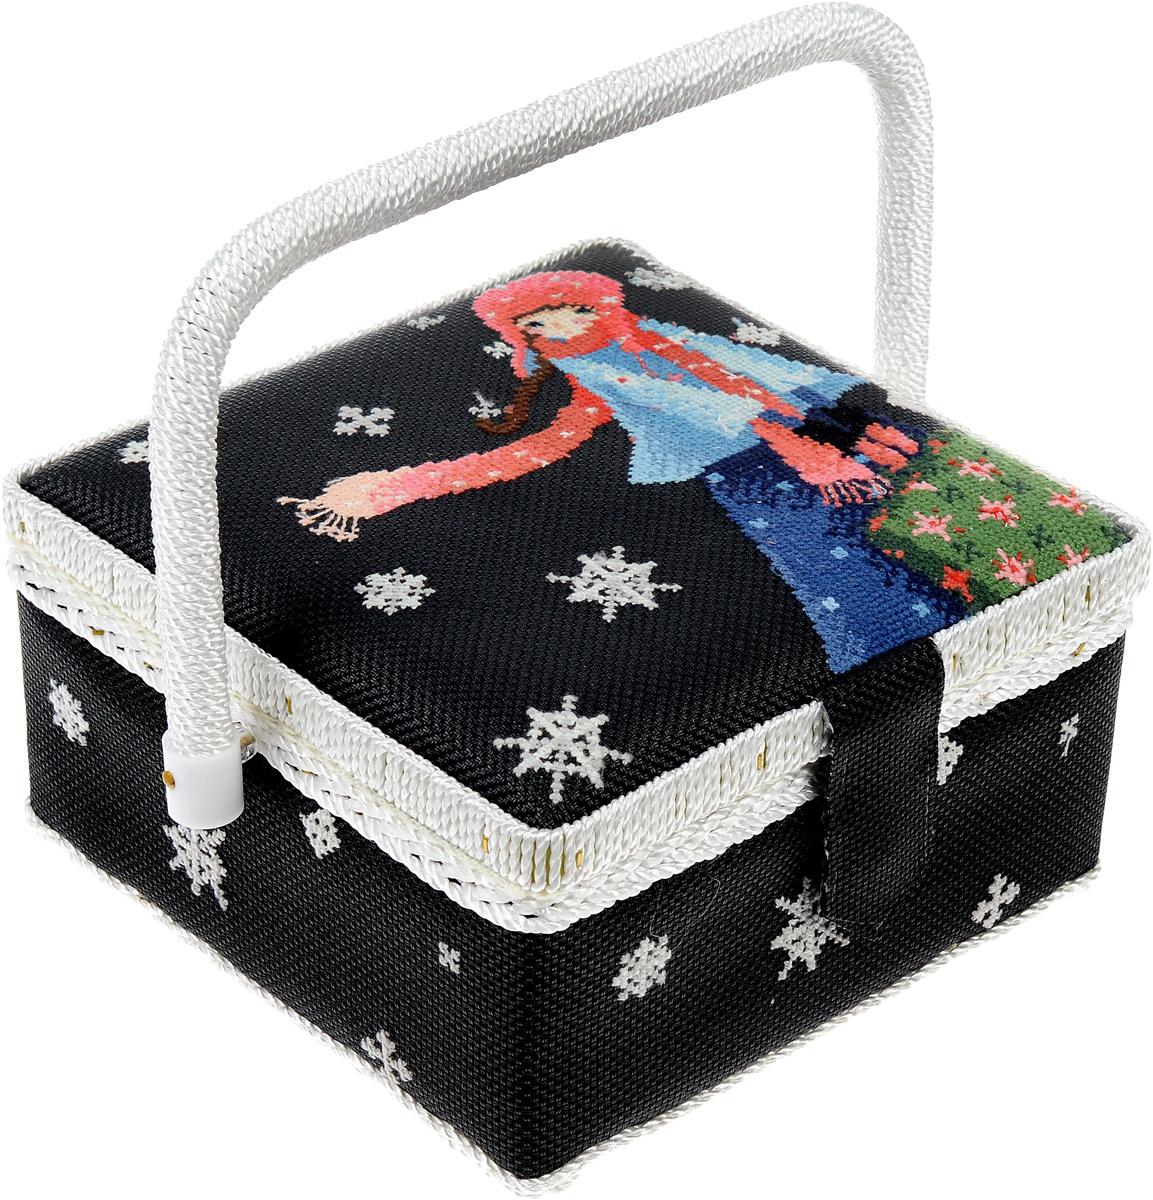 Шкатулка для рукоделия RTO Девочка с шарфом, 21 х 21 х 13 см набор для вышивания крестом rto чайник с брелоком 3 х 3 см